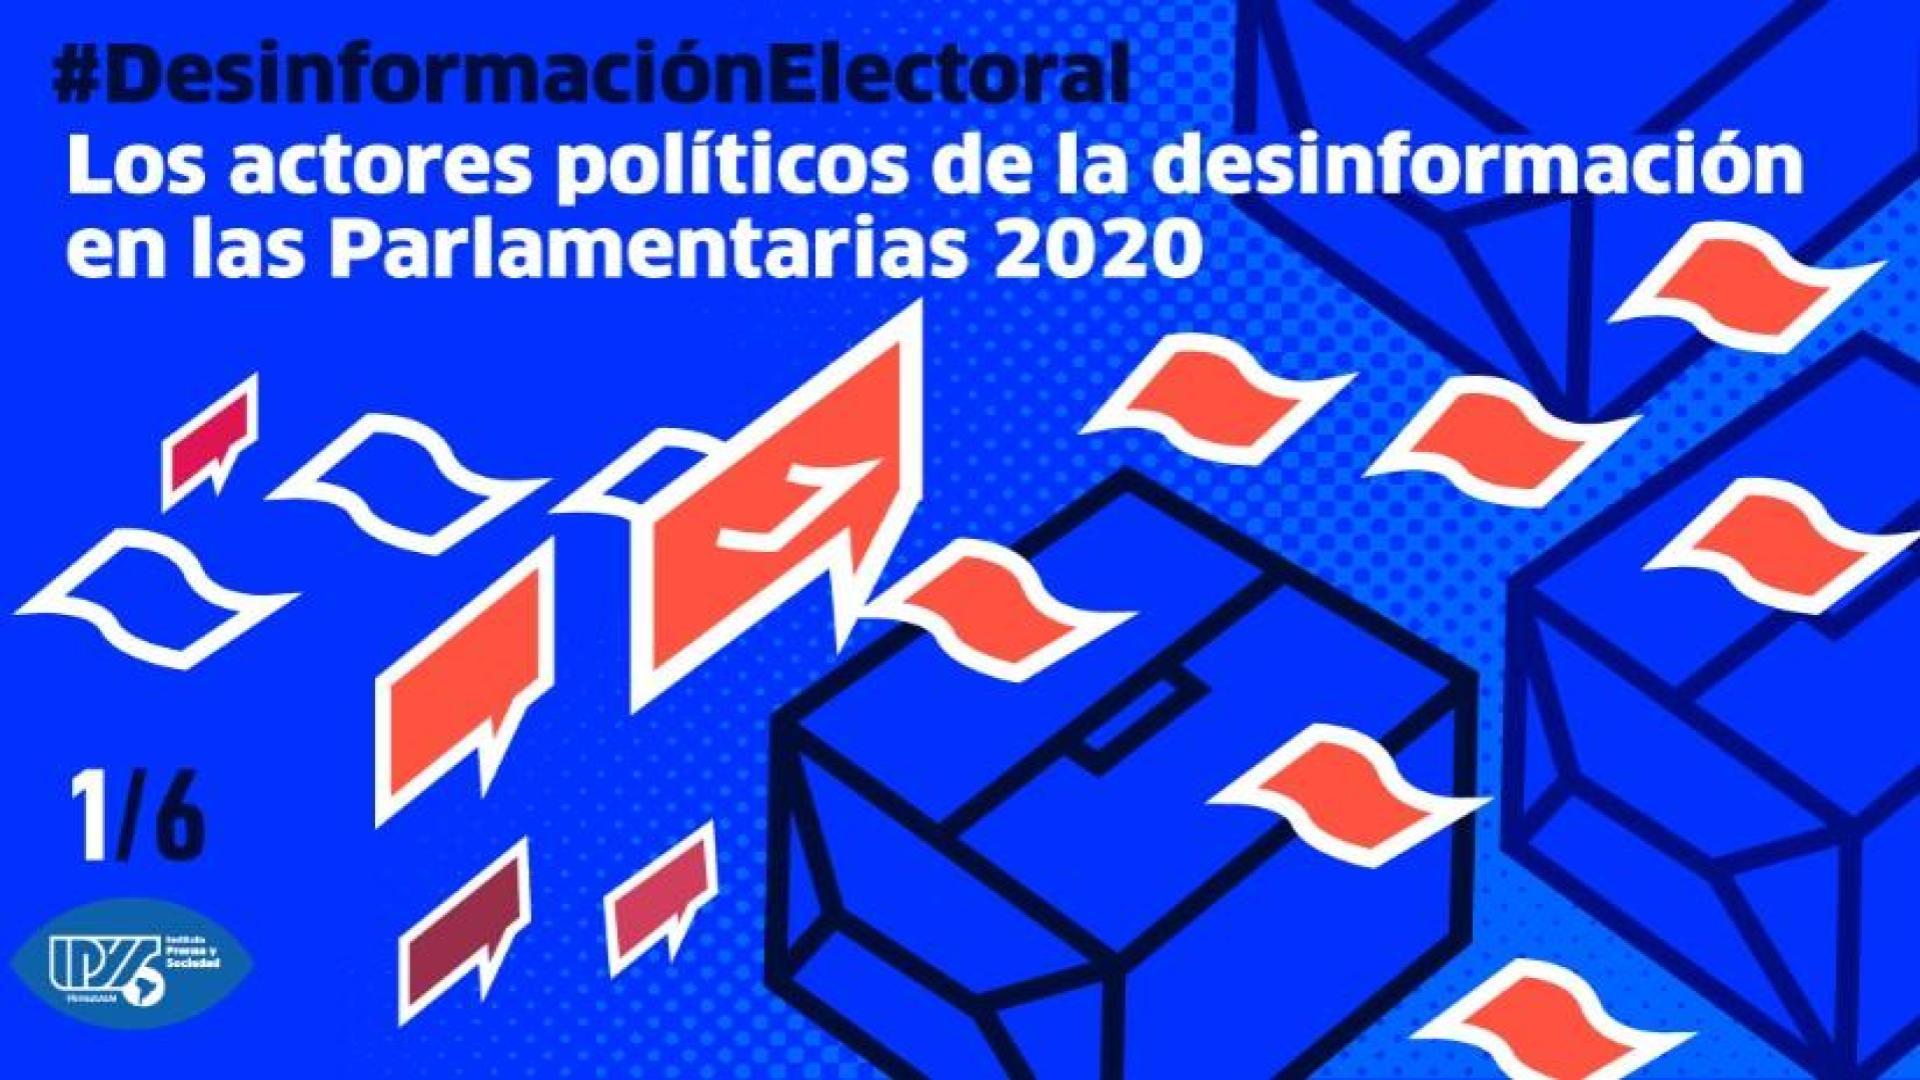 #DesinformaciónElectoral | Los coristas del oficialismo